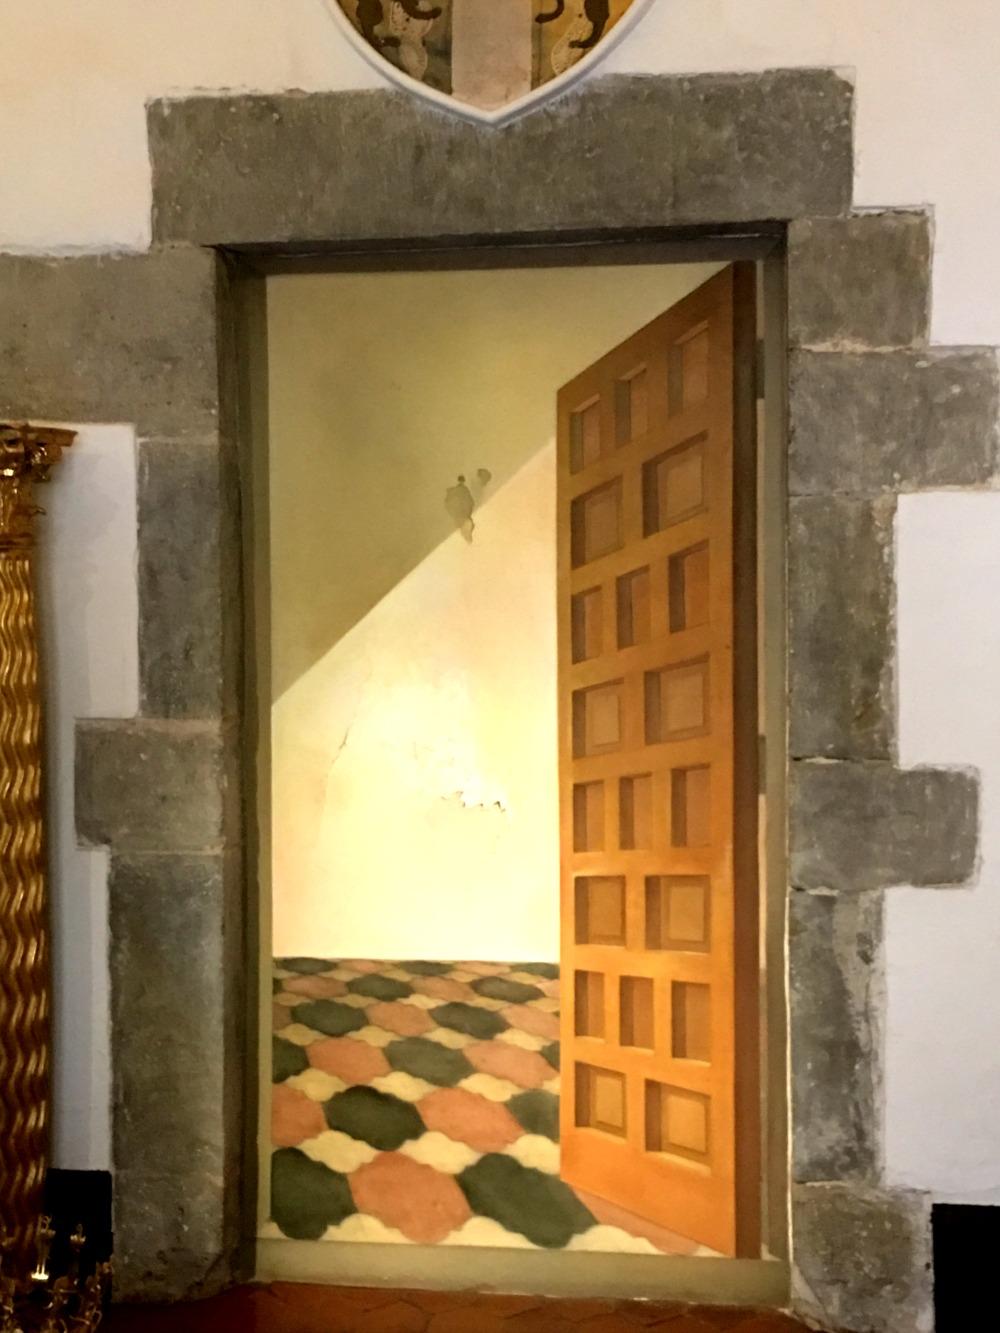 Dali's Trompe l'oeil in Gala's castle in Pubol